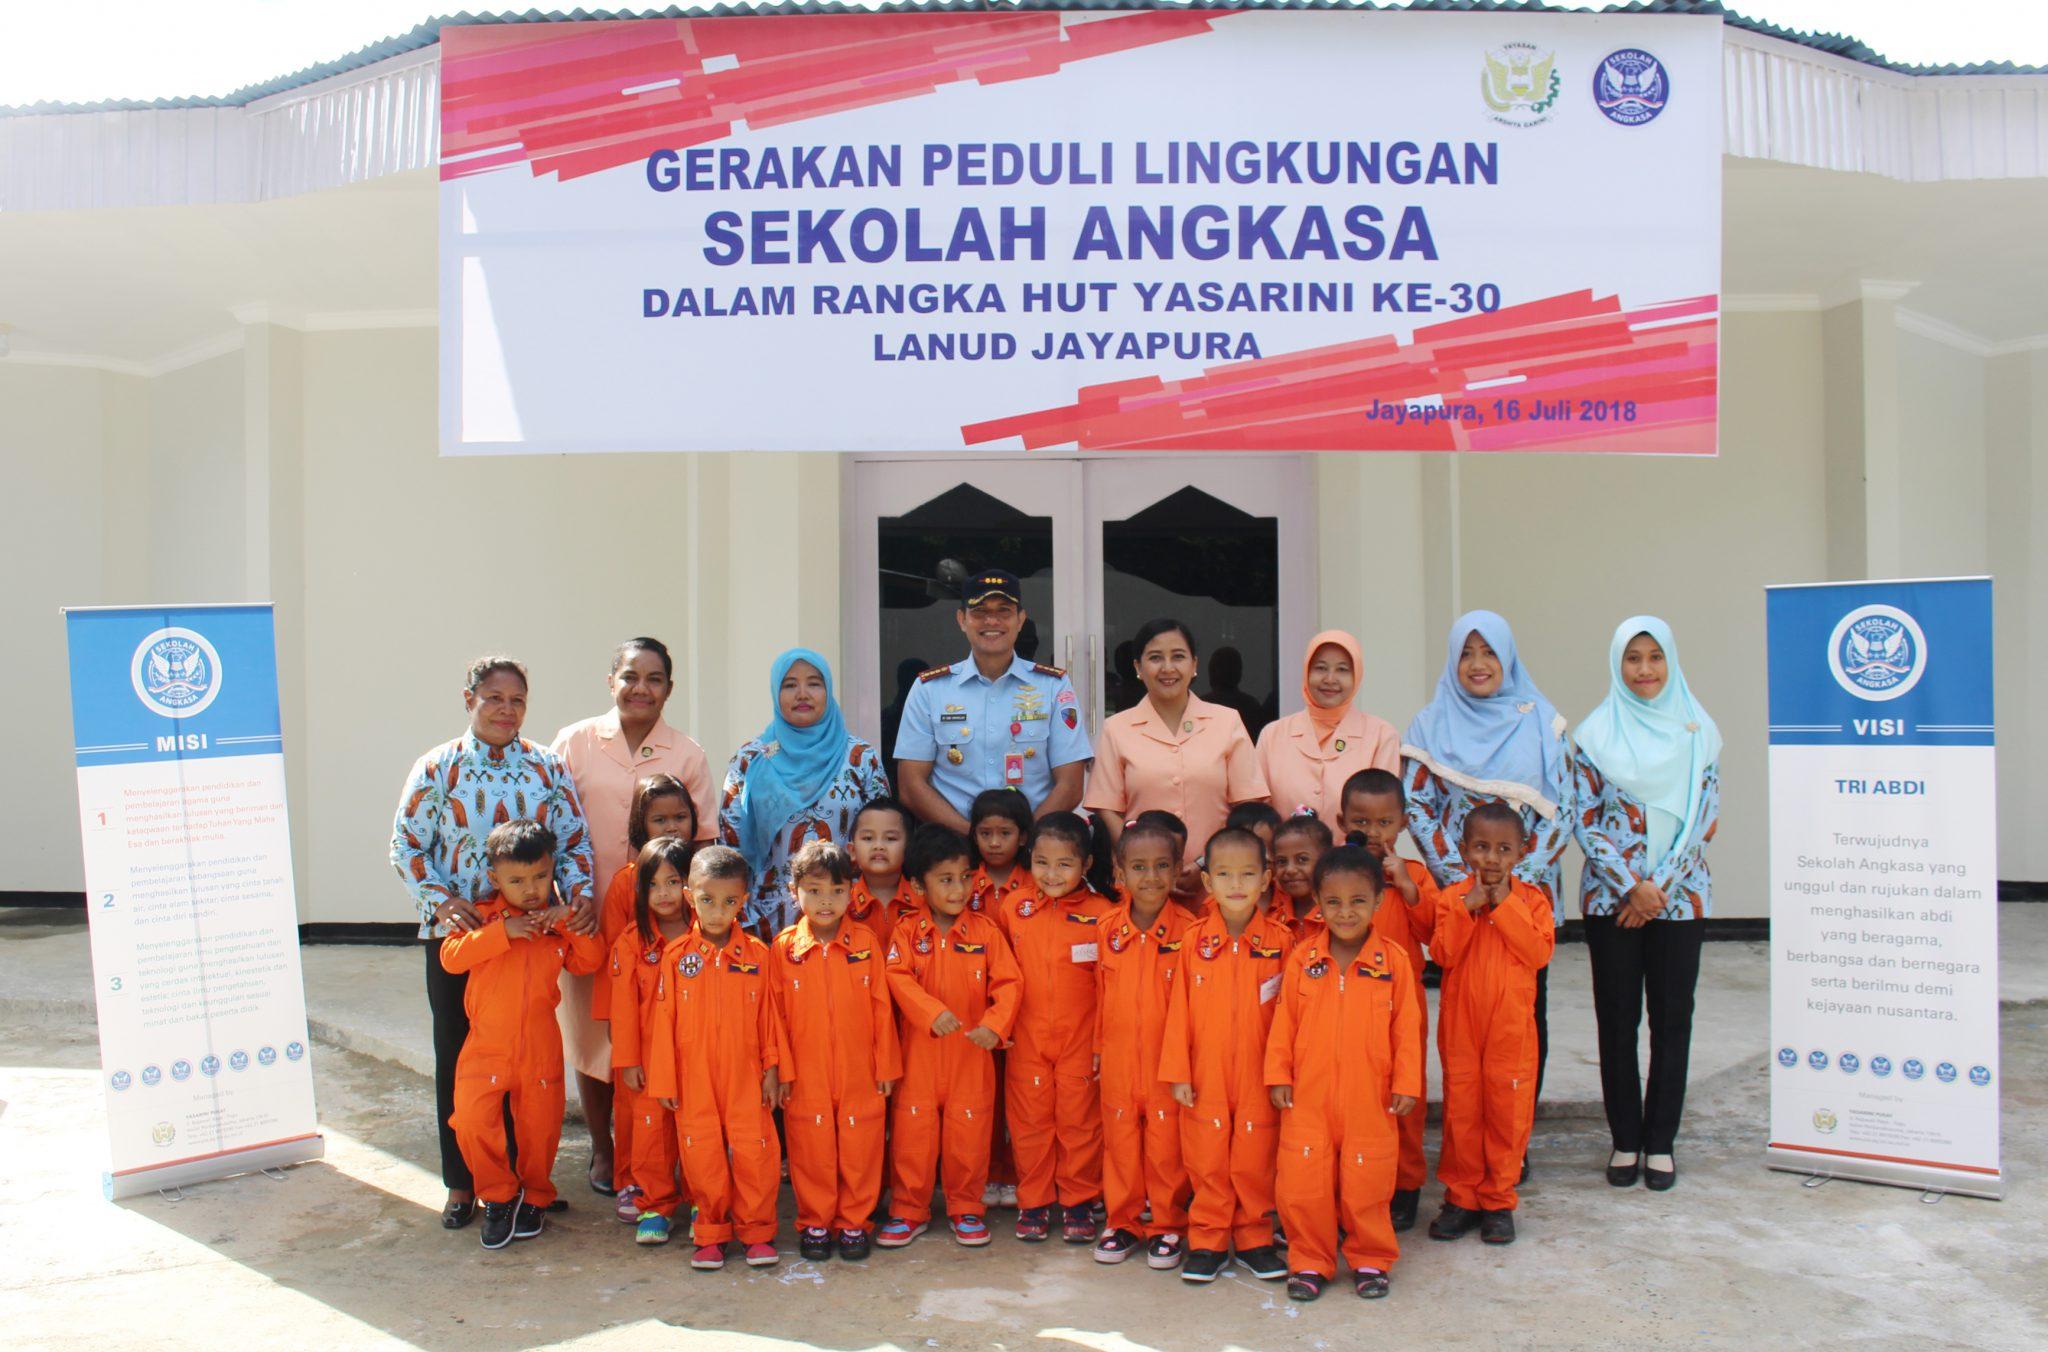 Penerimaan Murid TK Angkasa Lanud Jayapura